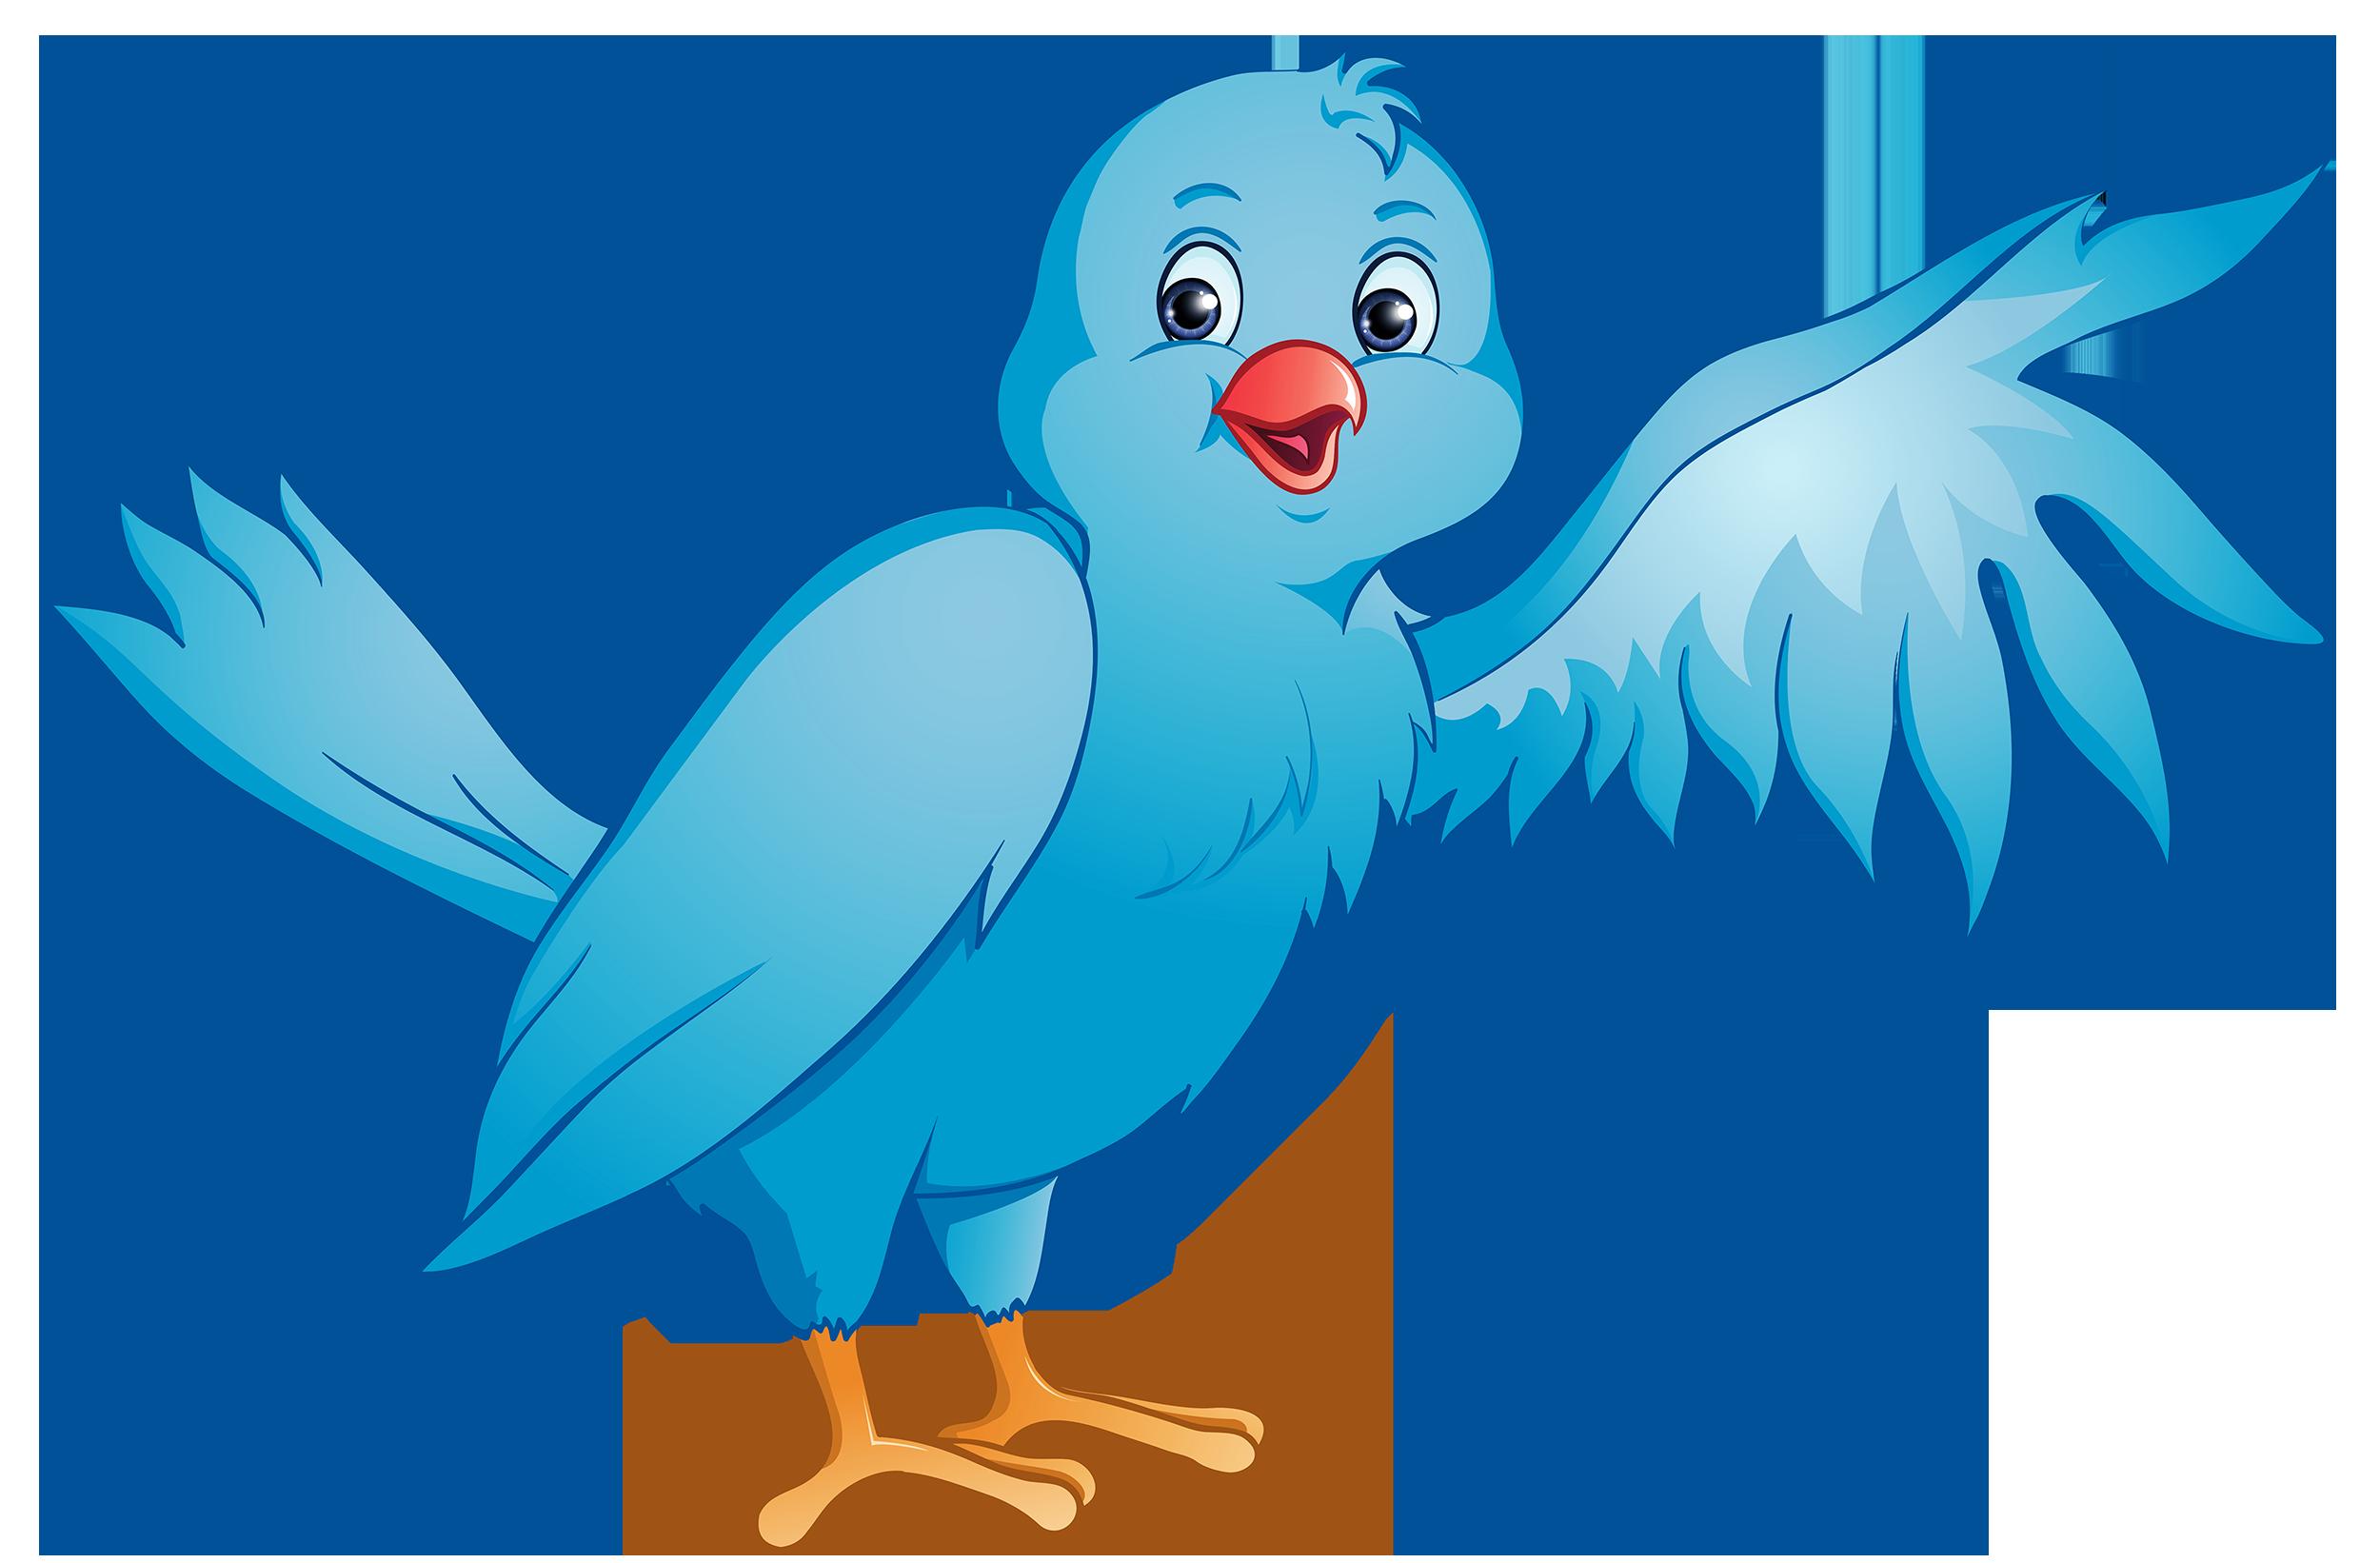 2500x1642 Bird Cartoon Clipart